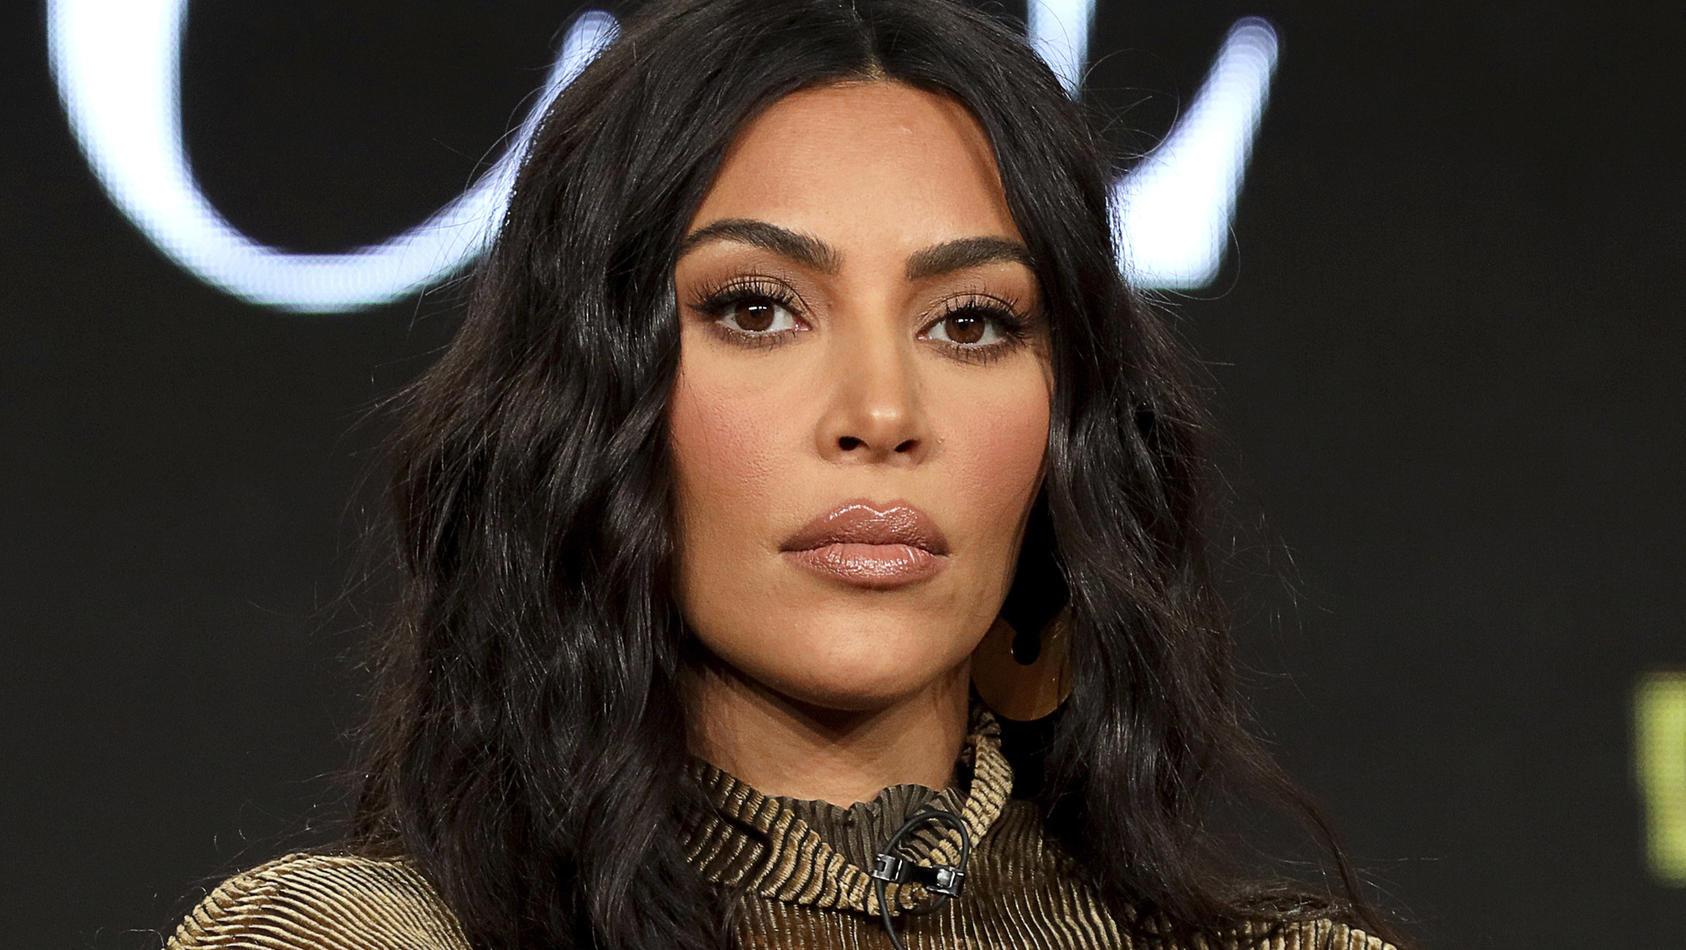 So hat sich Kim Kardashian das Ergebnis ihres Examens sicher nicht vorgestellt.